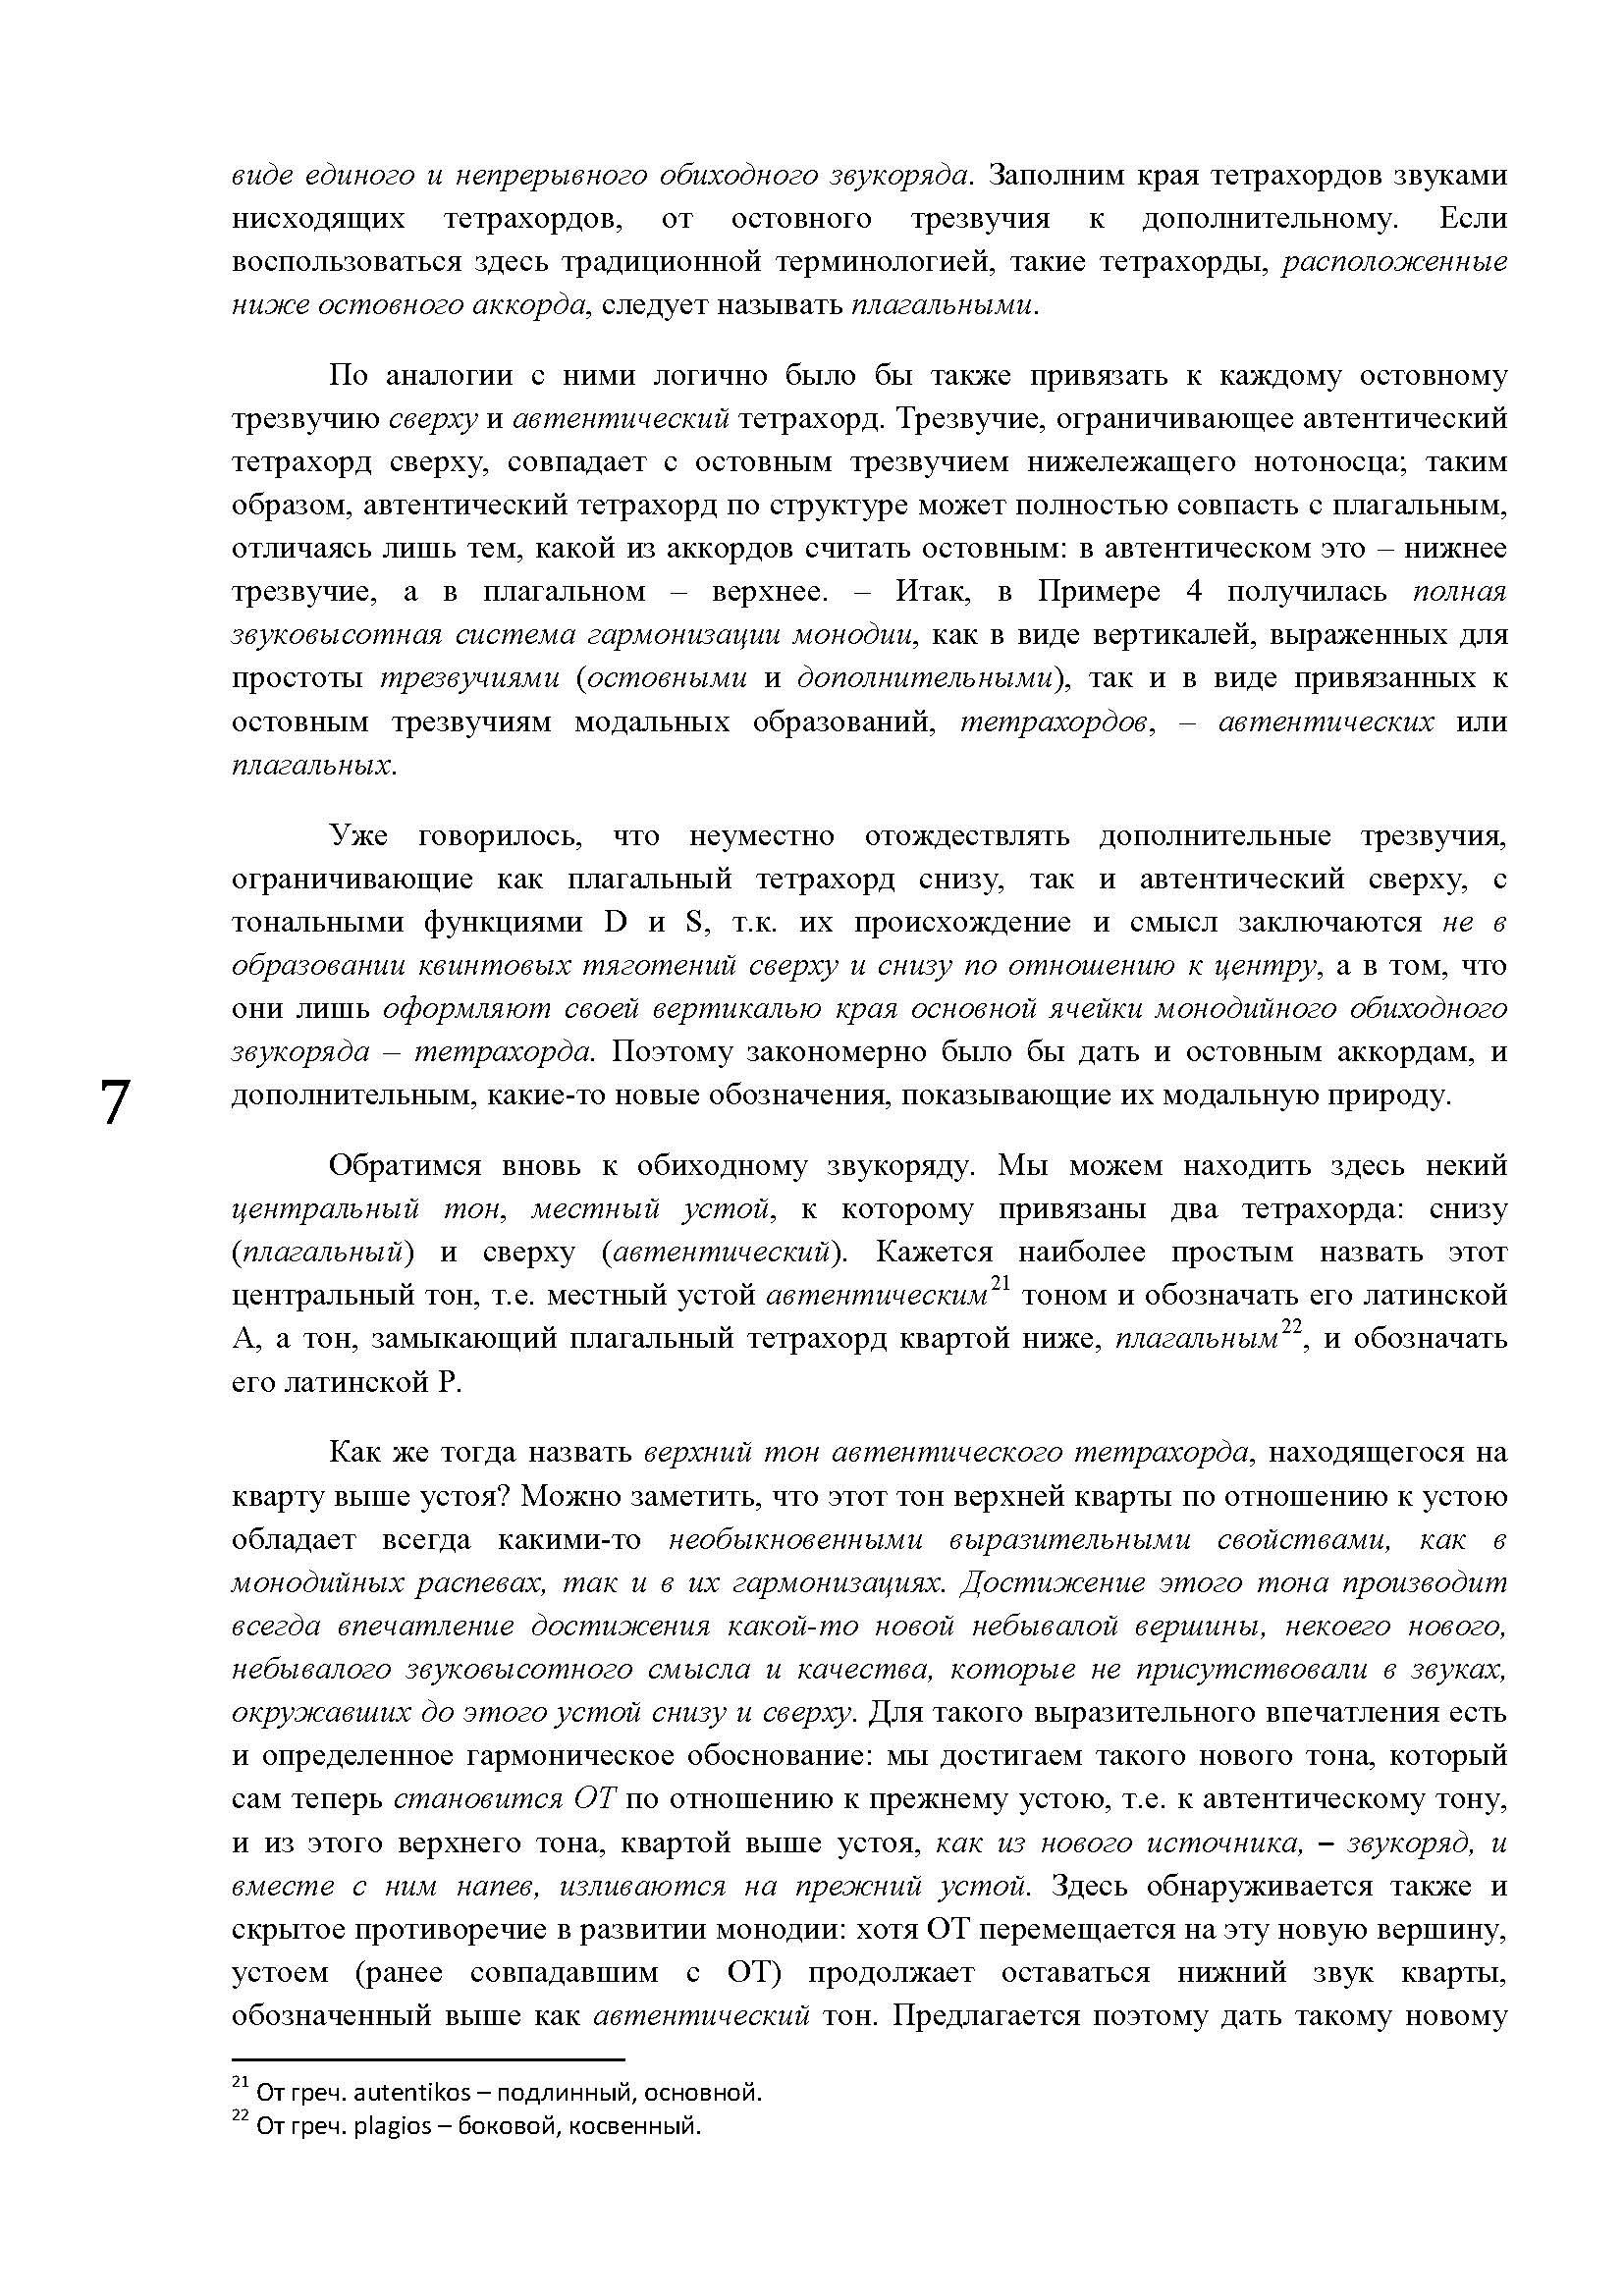 О.ФИЛИПП_ГАРМОНИЯ_ПАРТЕСНОГО_ПЕНИЯ_+_Страница_07